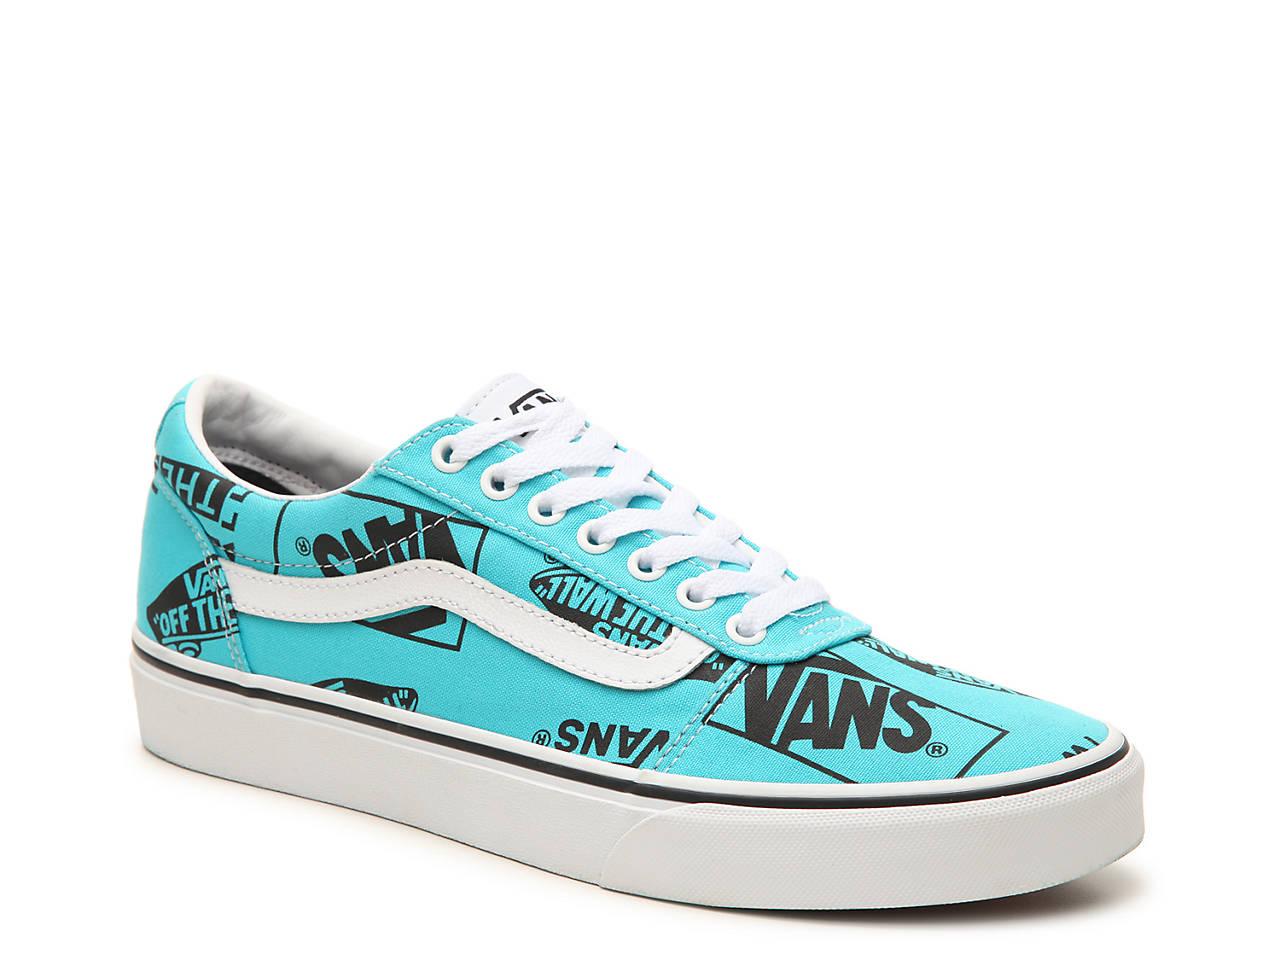 5249c5c656 Vans Ward Lo Print Sneaker - Men s Men s Shoes